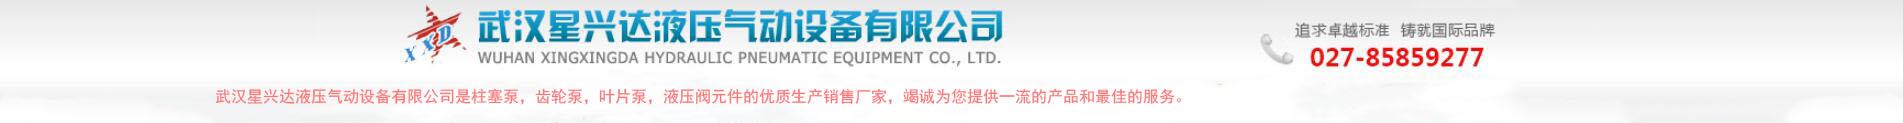 武漢星興達液壓氣動設備有限公司